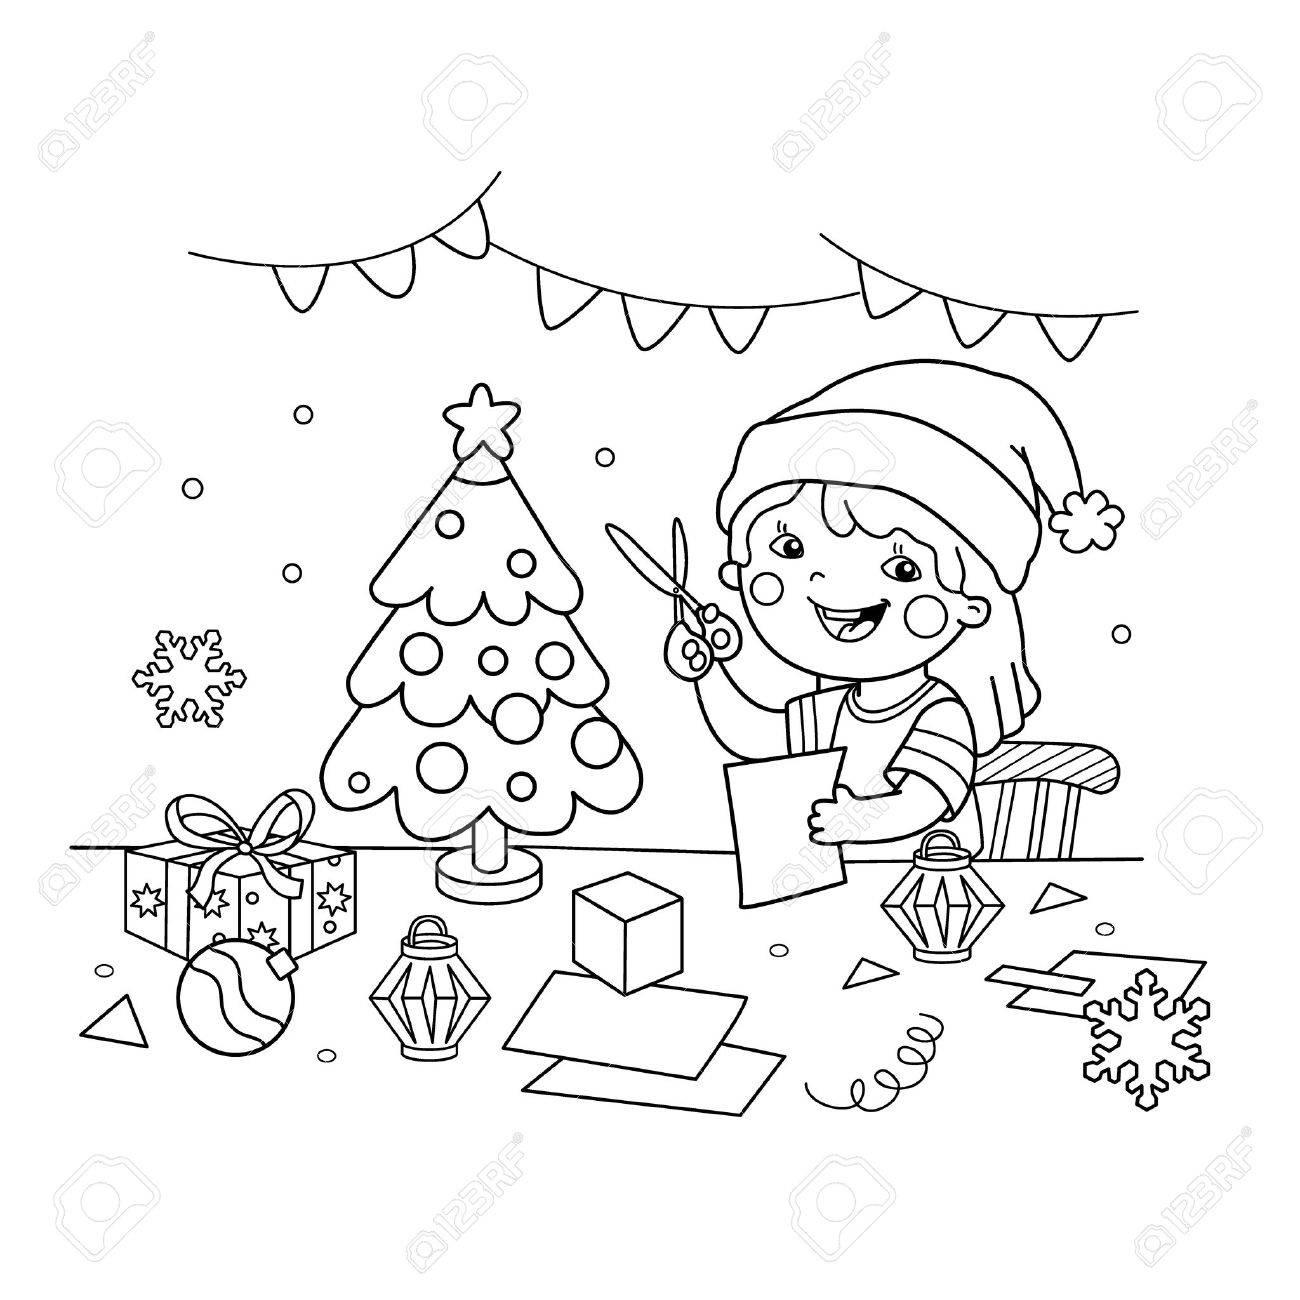 Dibujos Animados Para Colorear Navidad Imagesacolorierwebsite